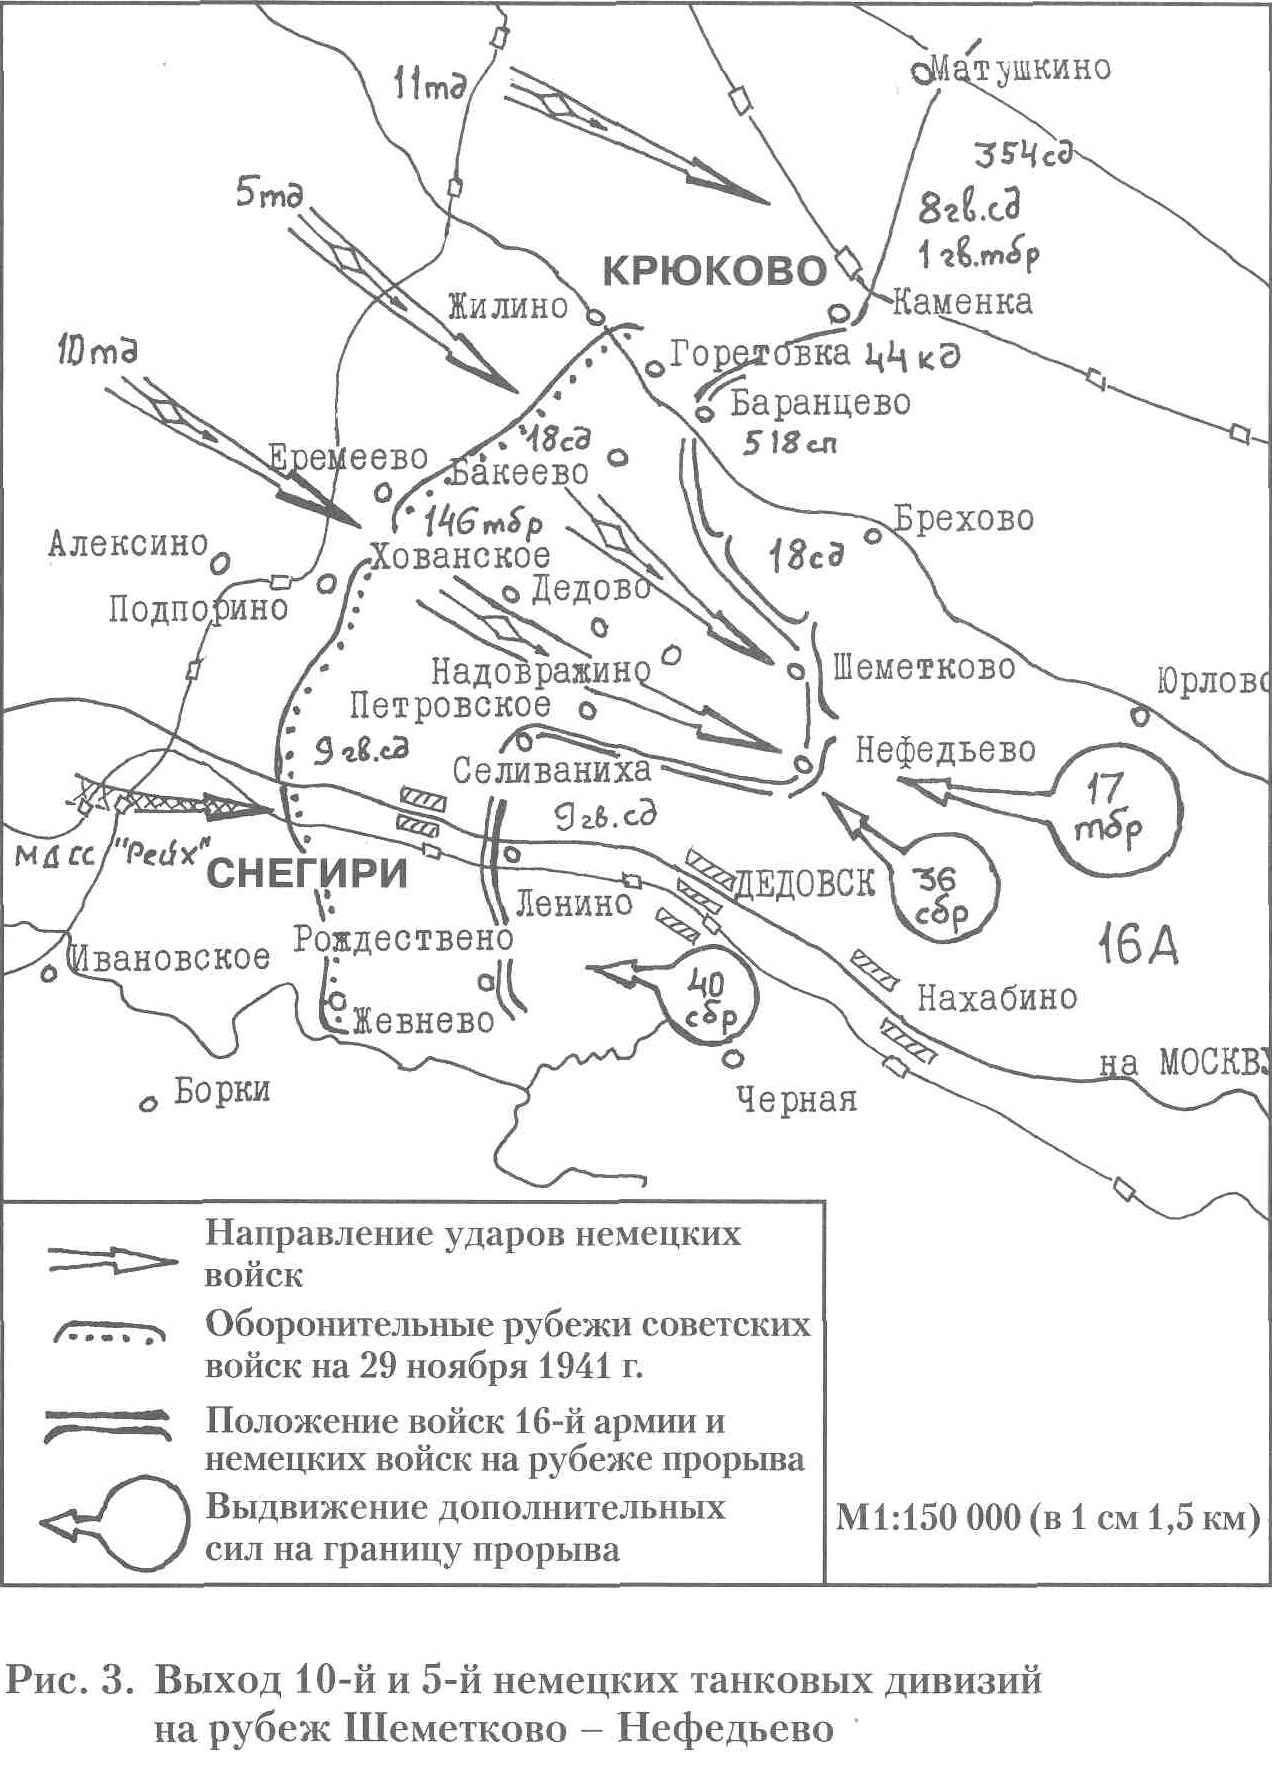 Baranovskiy_03_Shemetkovo_Nov29_41.jpg